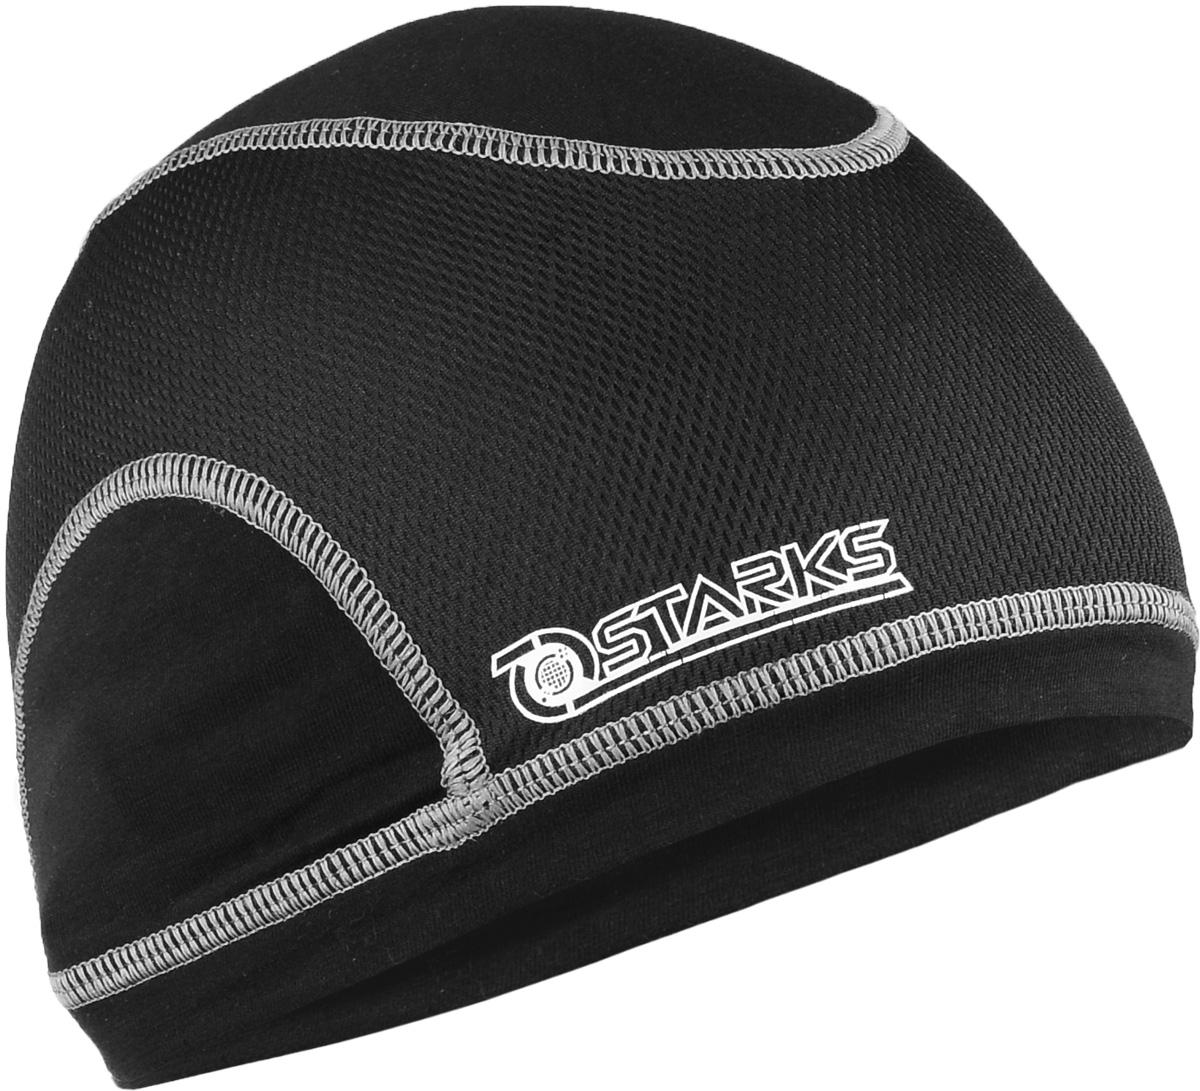 """Подшлемник-шапочка Starks """"Half"""", цвет: черный, серый MP0006"""